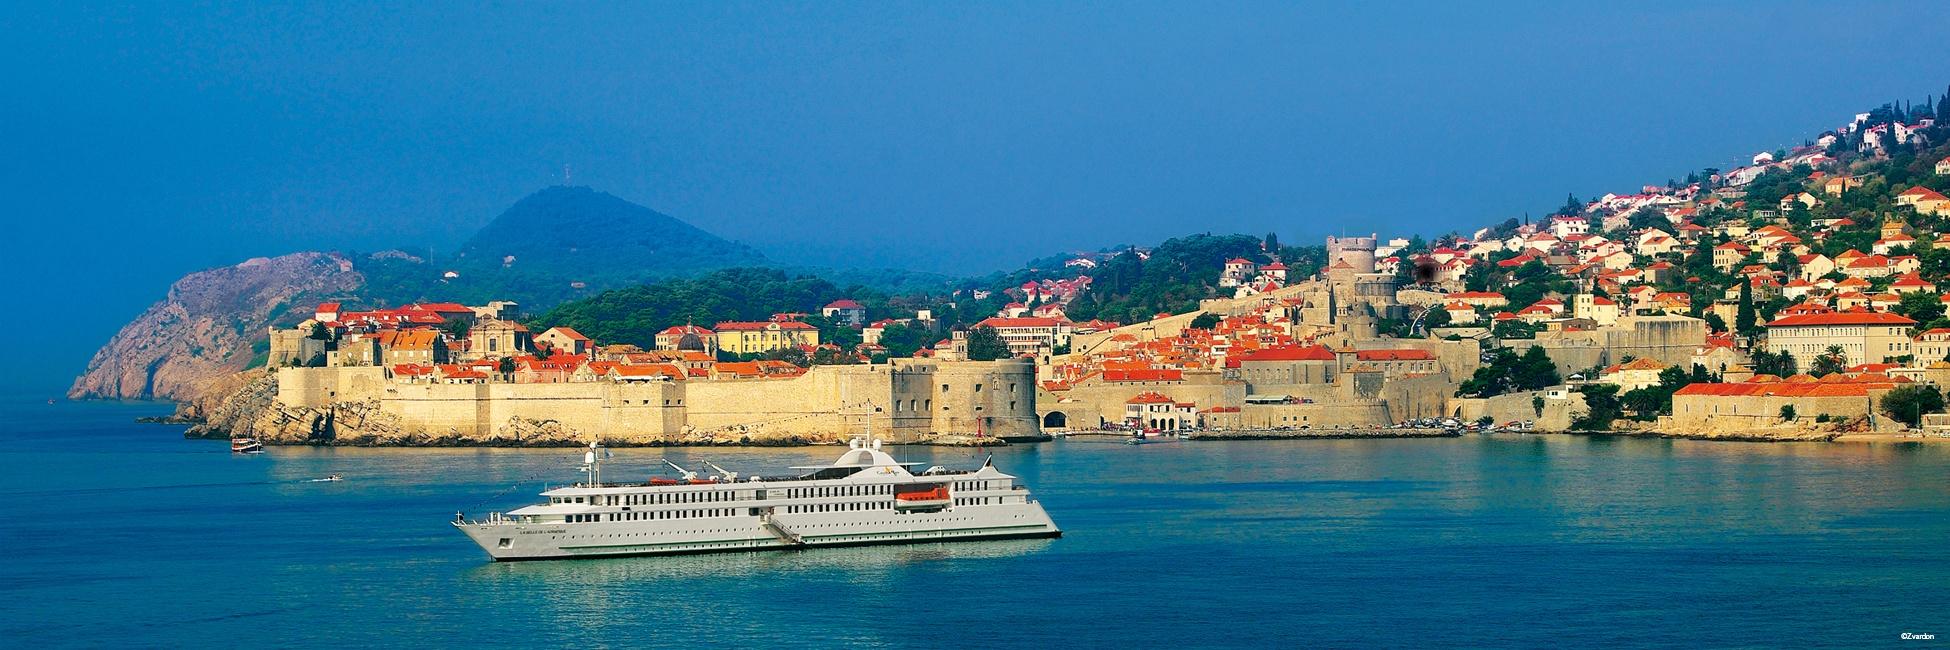 La Belle de l'Adriatique à Dubrovnik